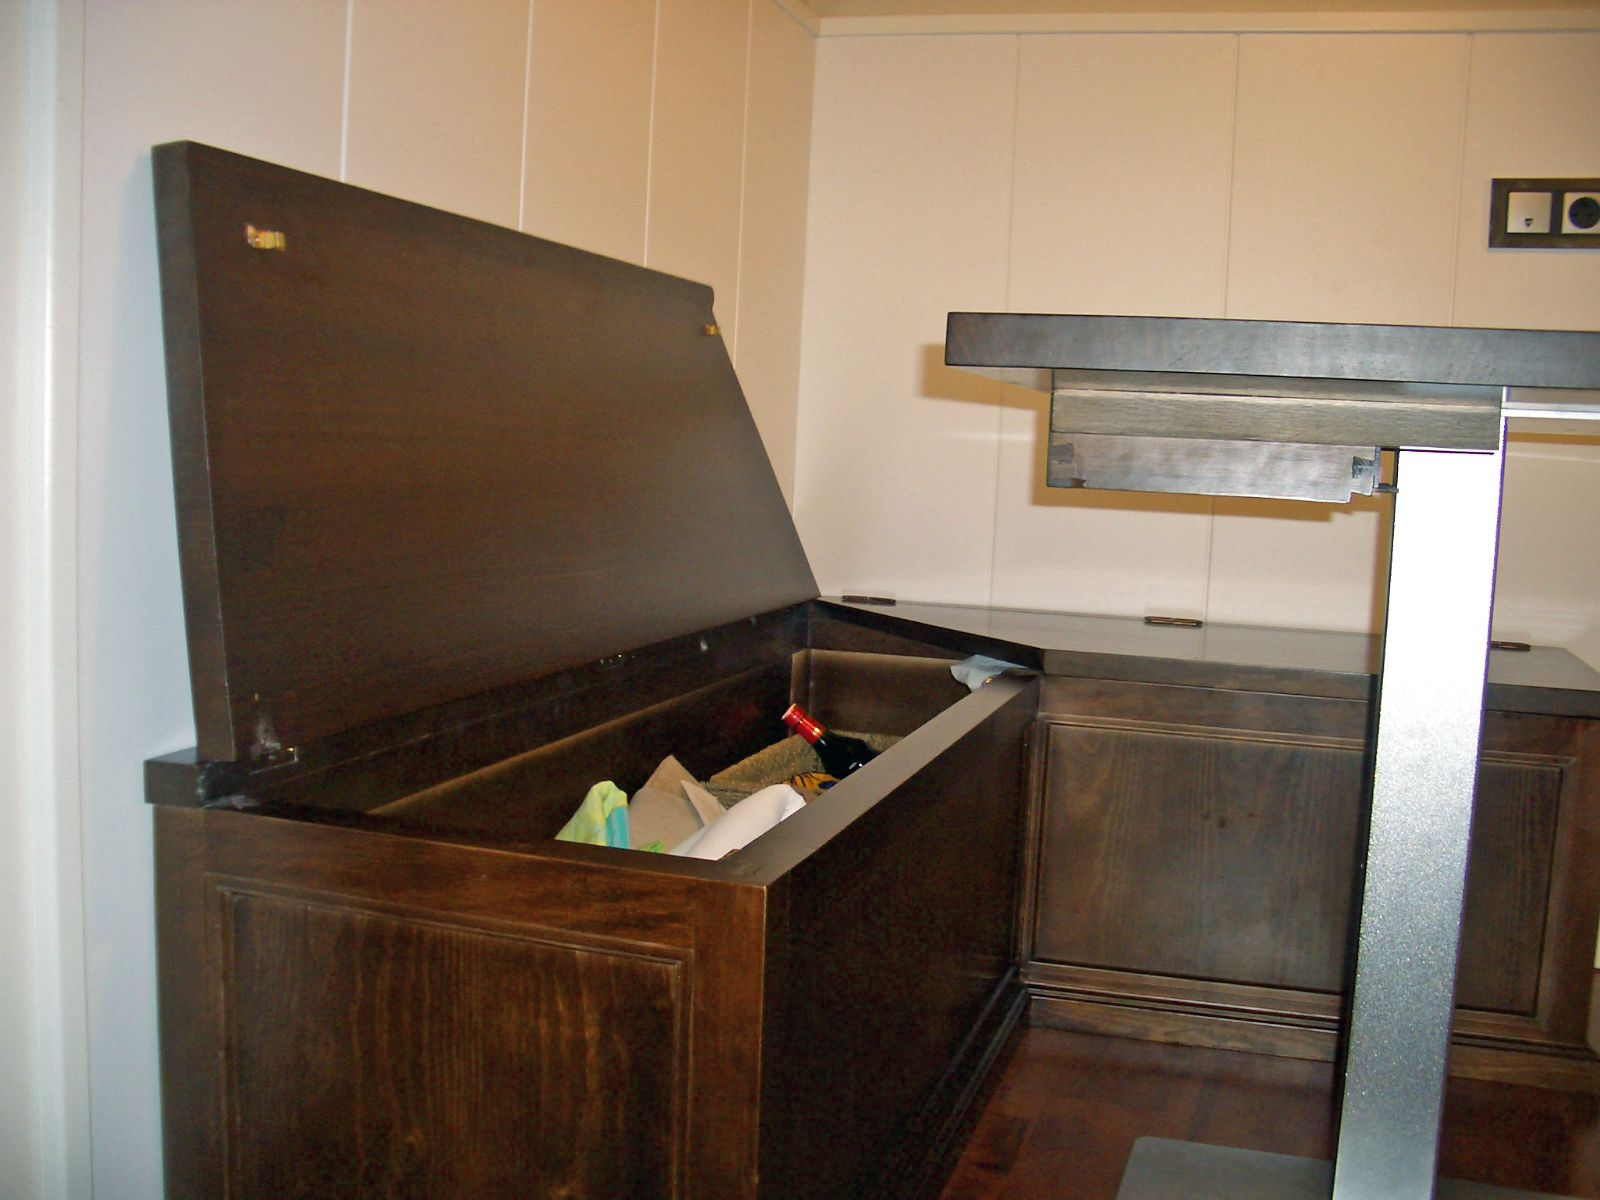 Rinconera de cocina, con asientos tipo baúl y mesa con pie cromado ...